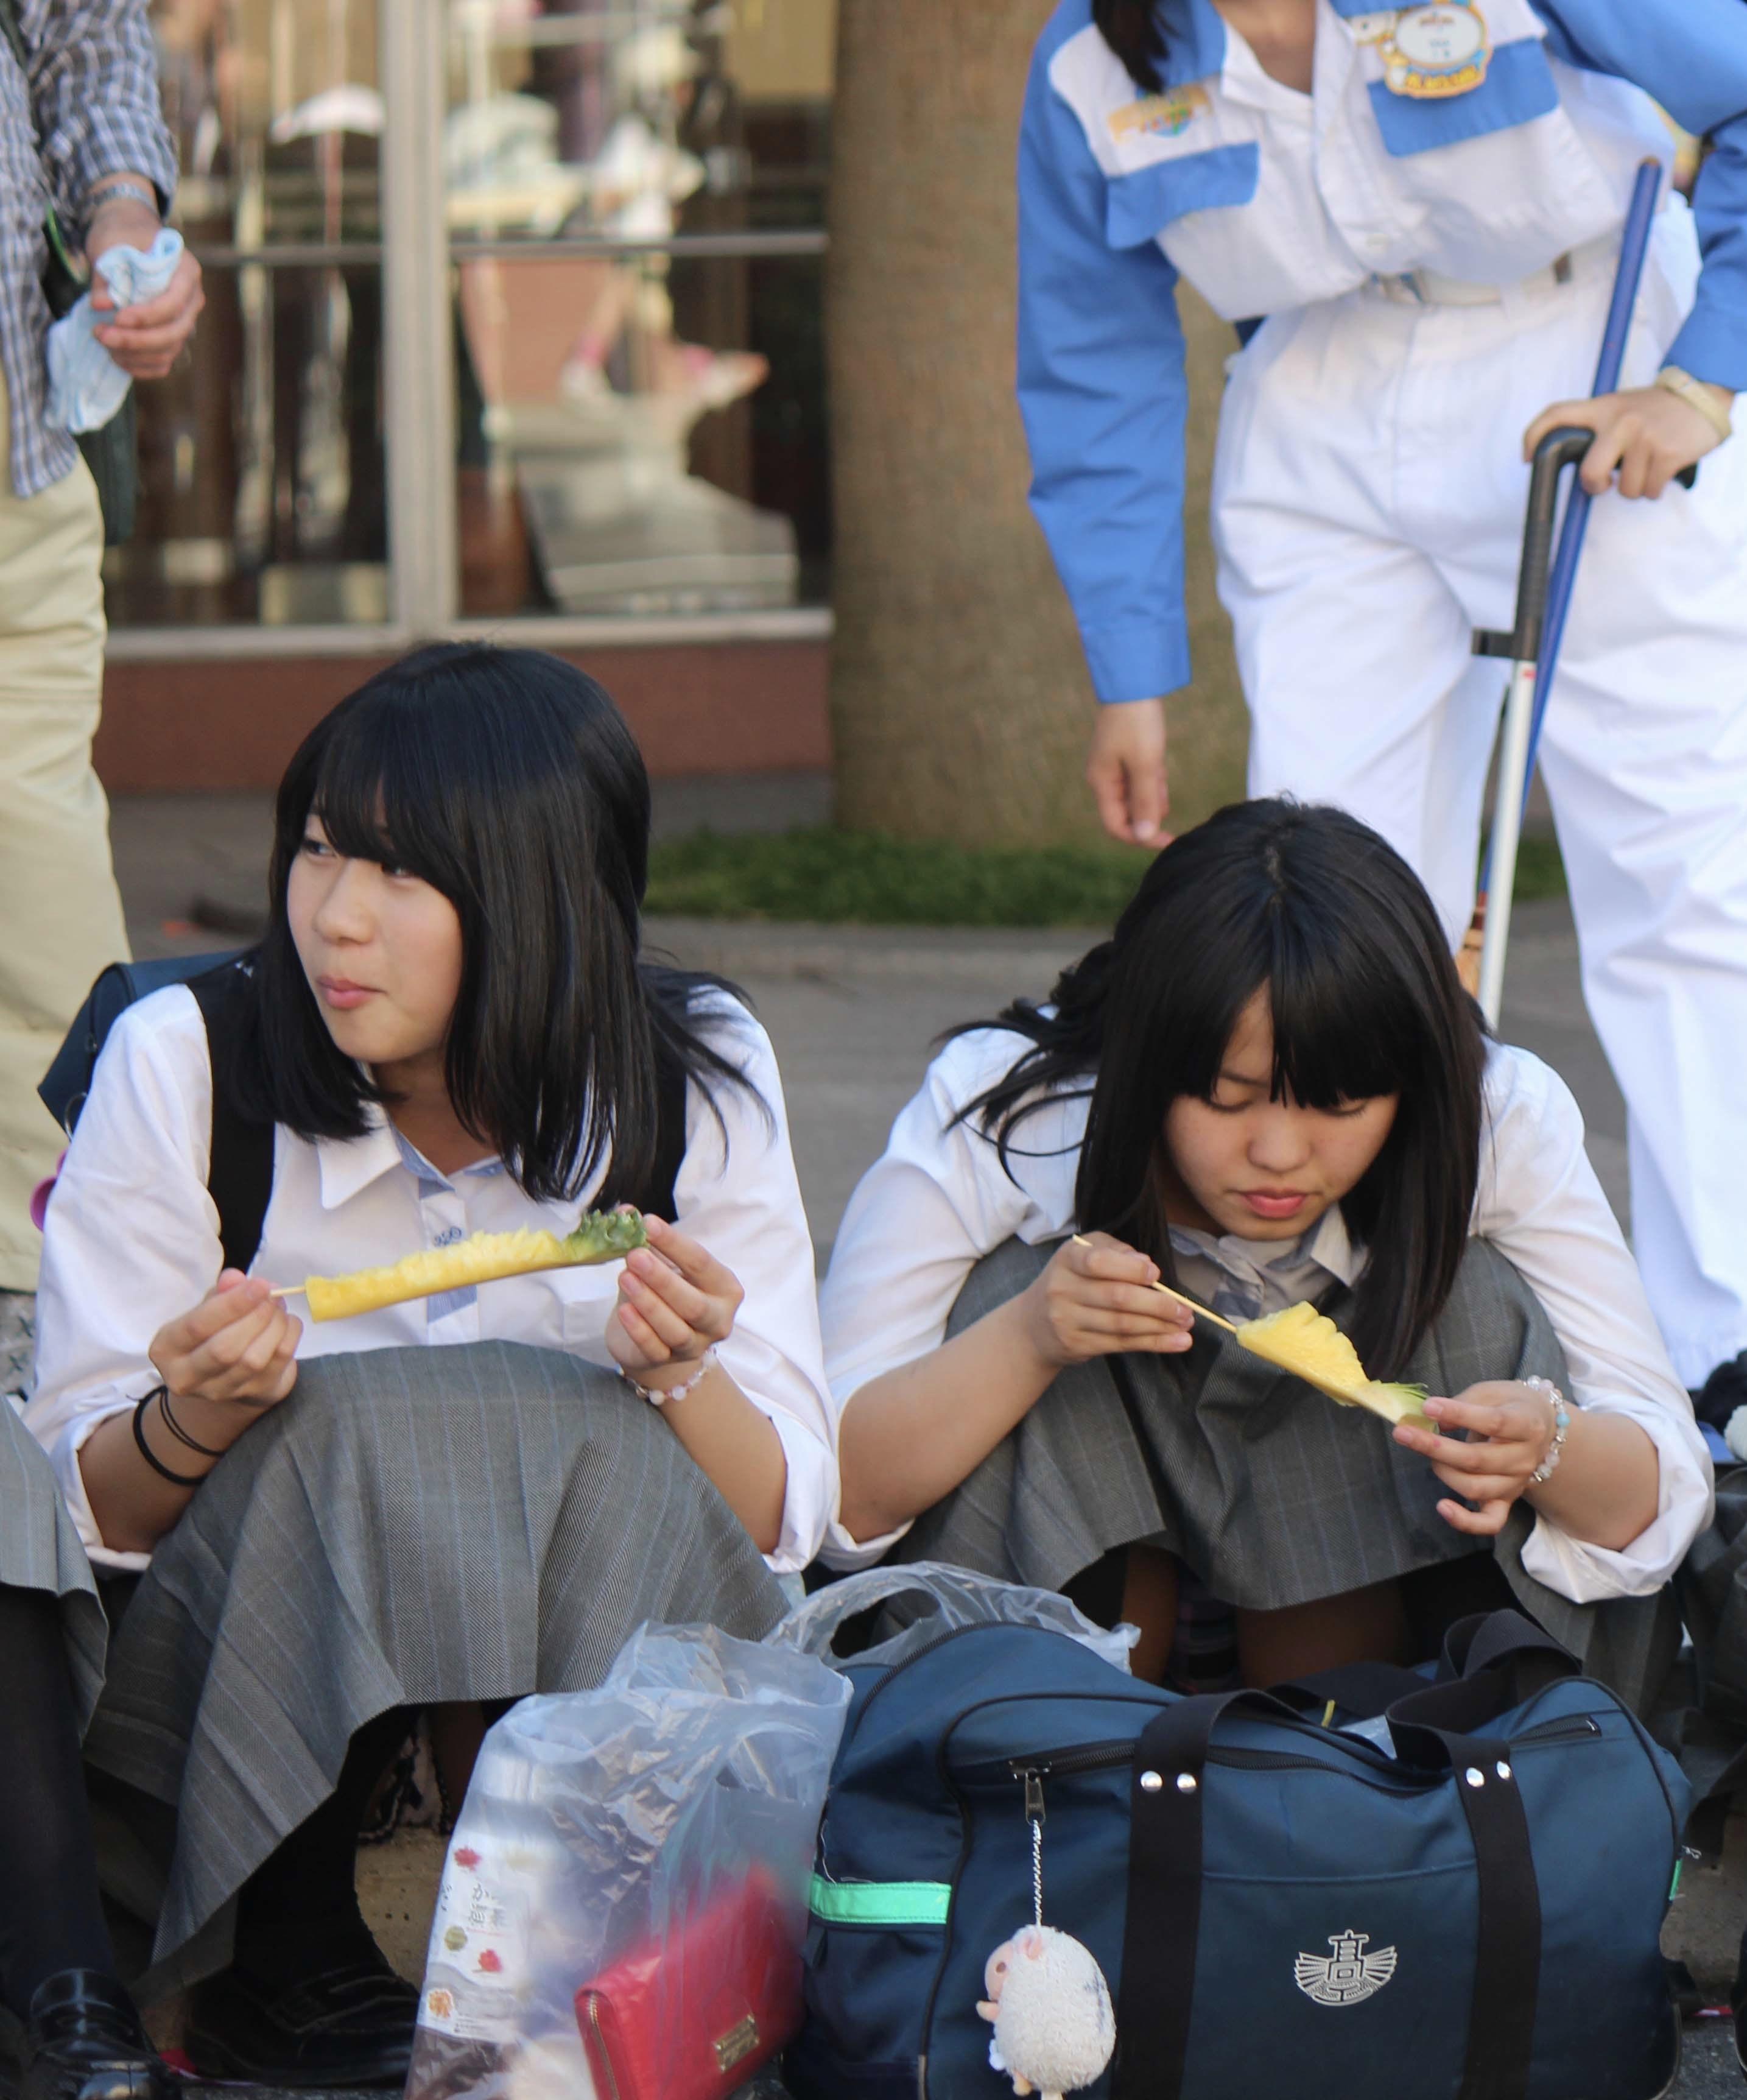 食事してる二人の可愛いJKのパンツを盗撮!